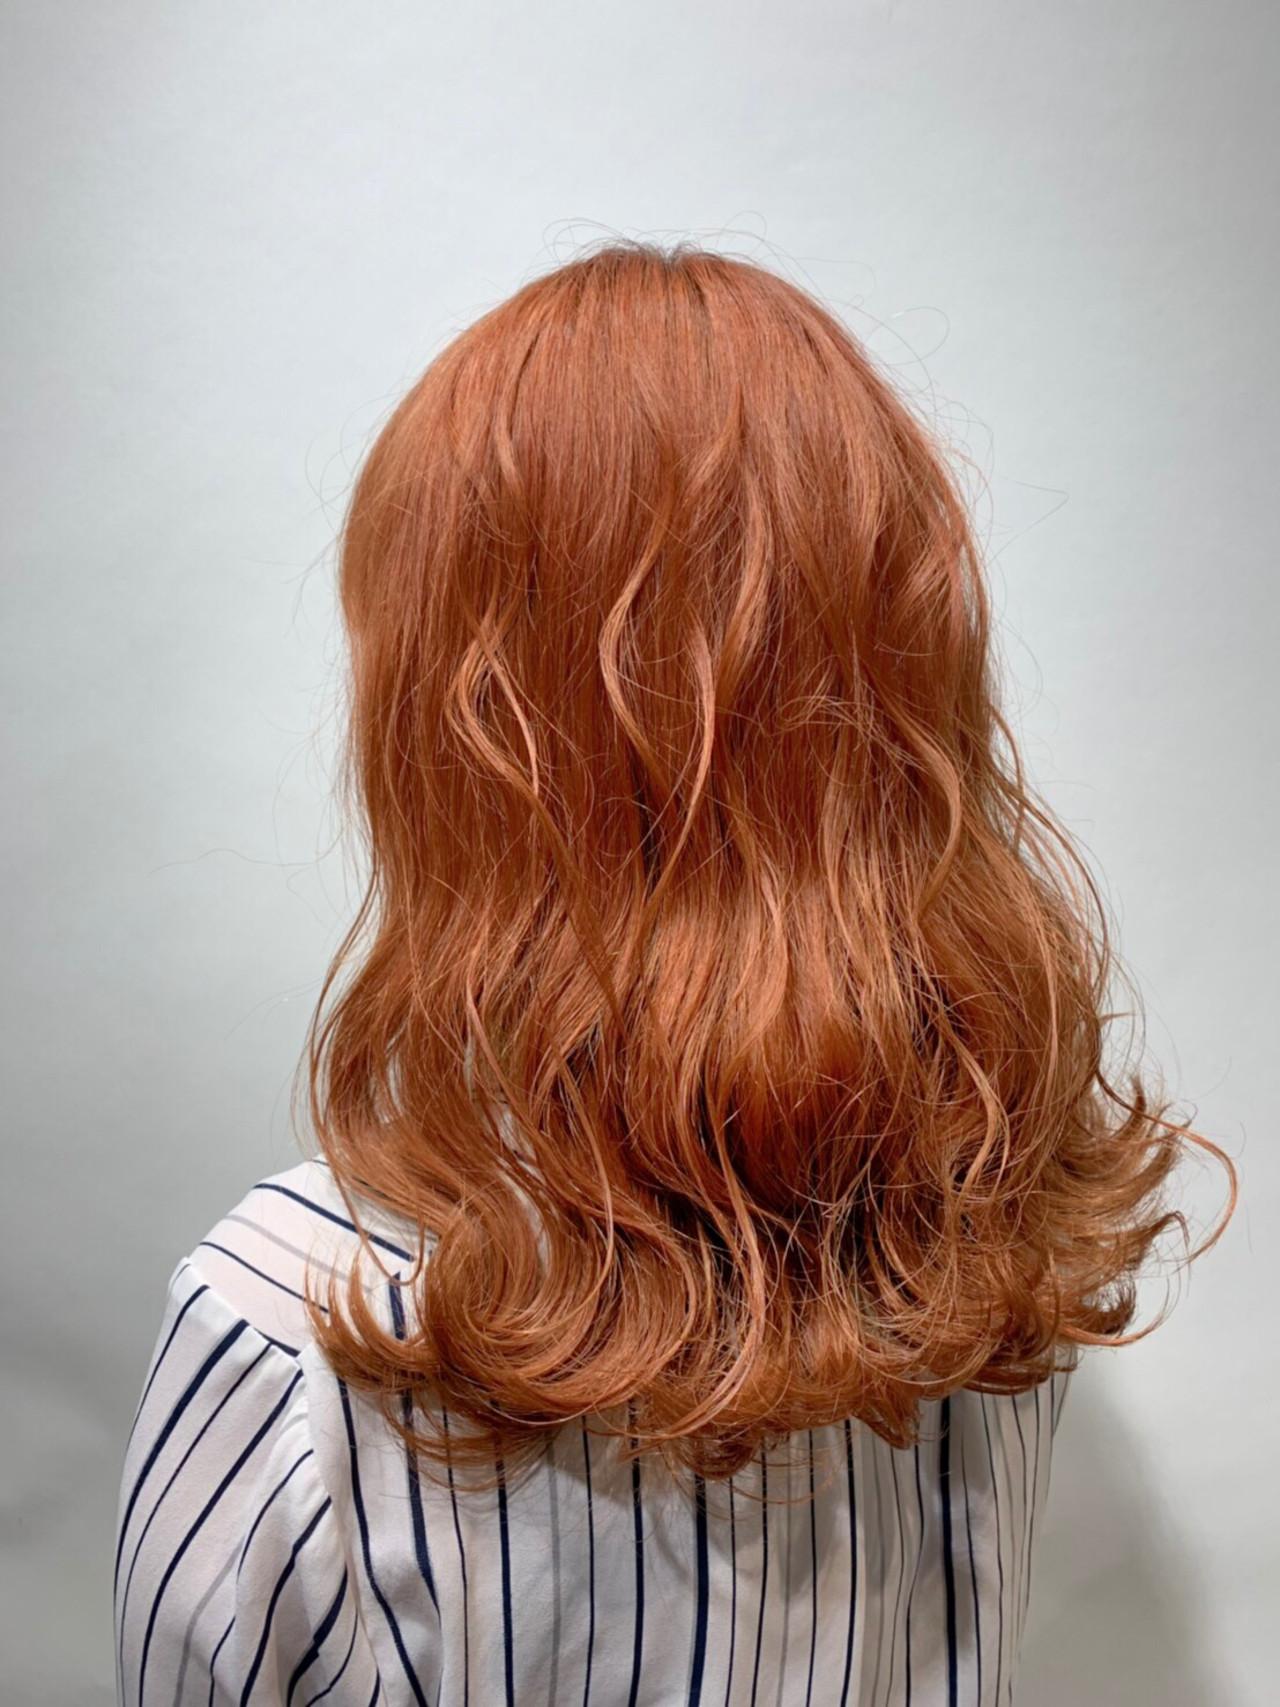 オレンジカラー ストリート ミディアム ハイトーン ヘアスタイルや髪型の写真・画像